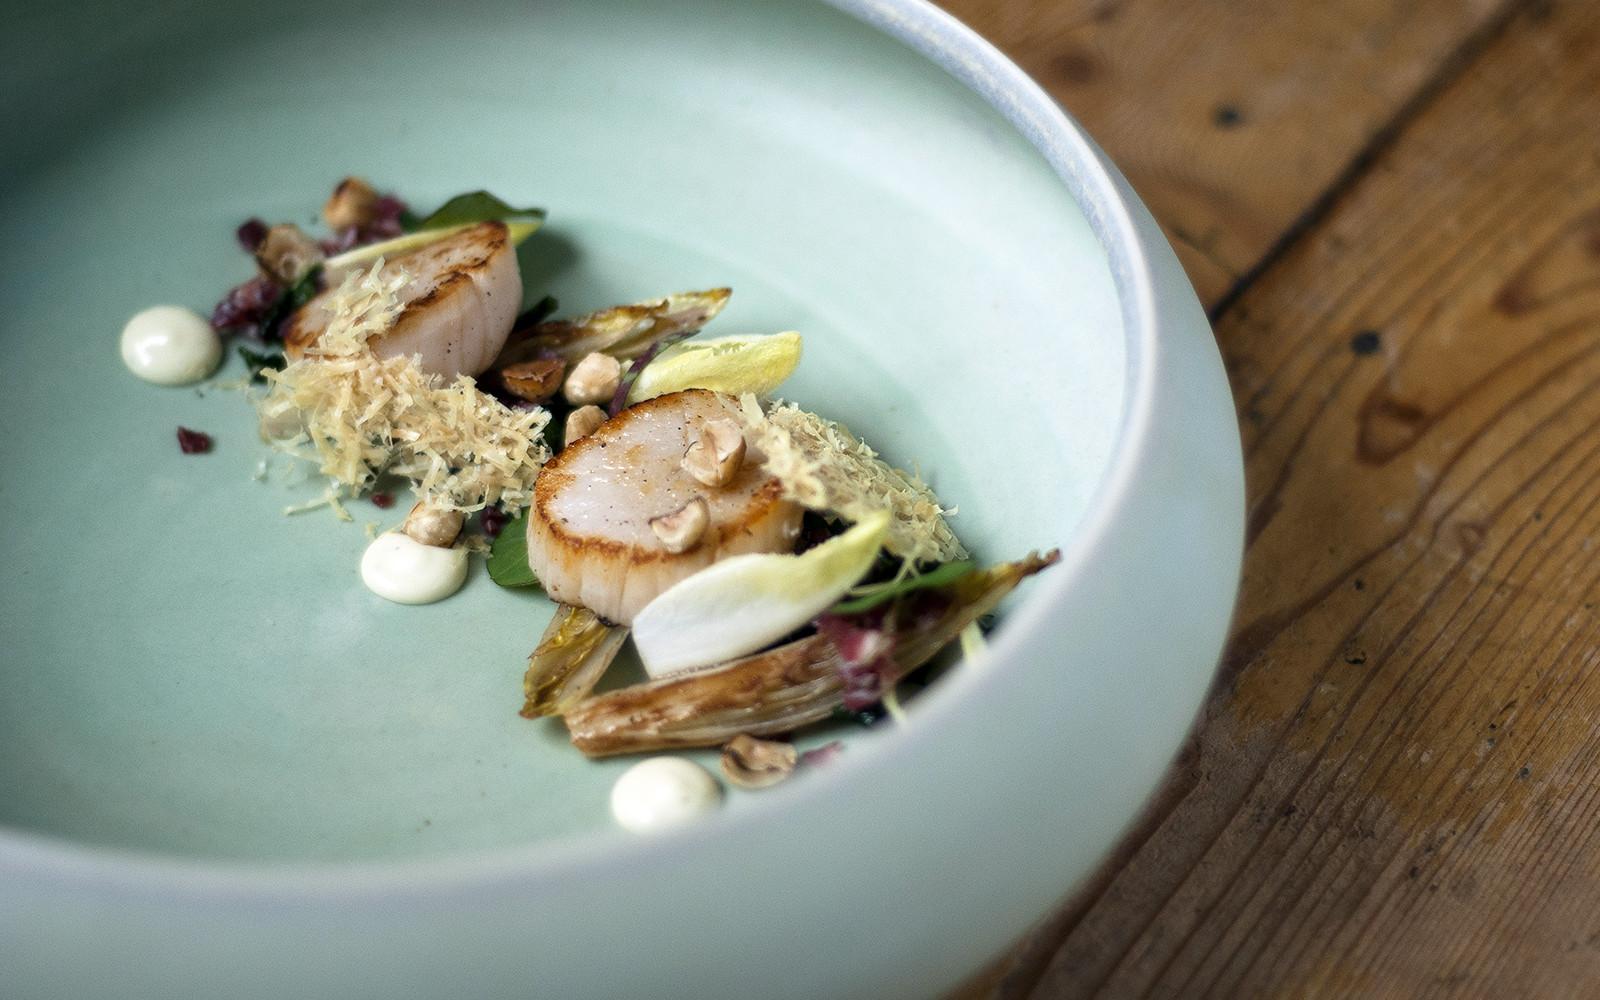 Witlof met ham, kaas en coquille - Jurgen Eikholt, restaurant De Schat